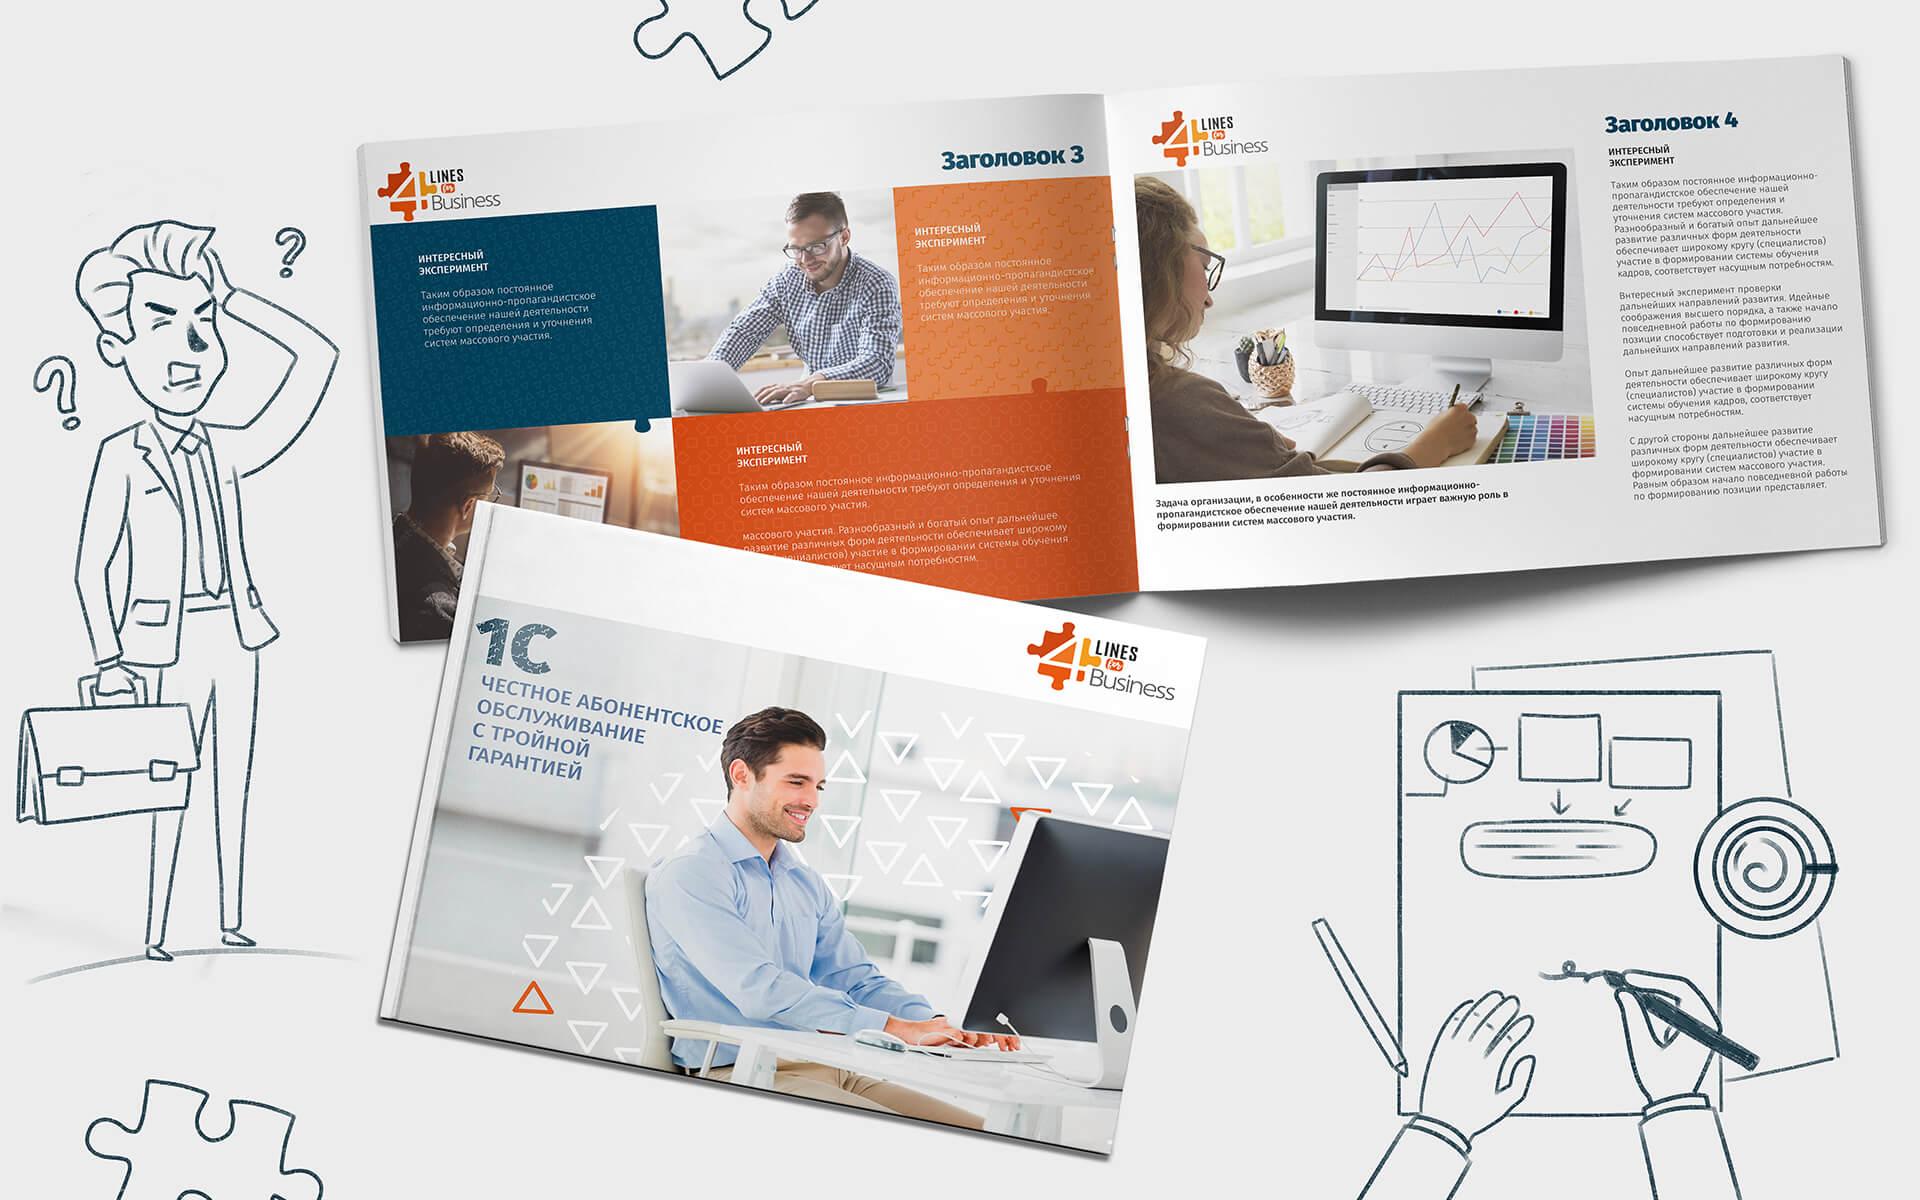 Редизайн логотипа, бренда и фирменного стиля IT-компании, пример